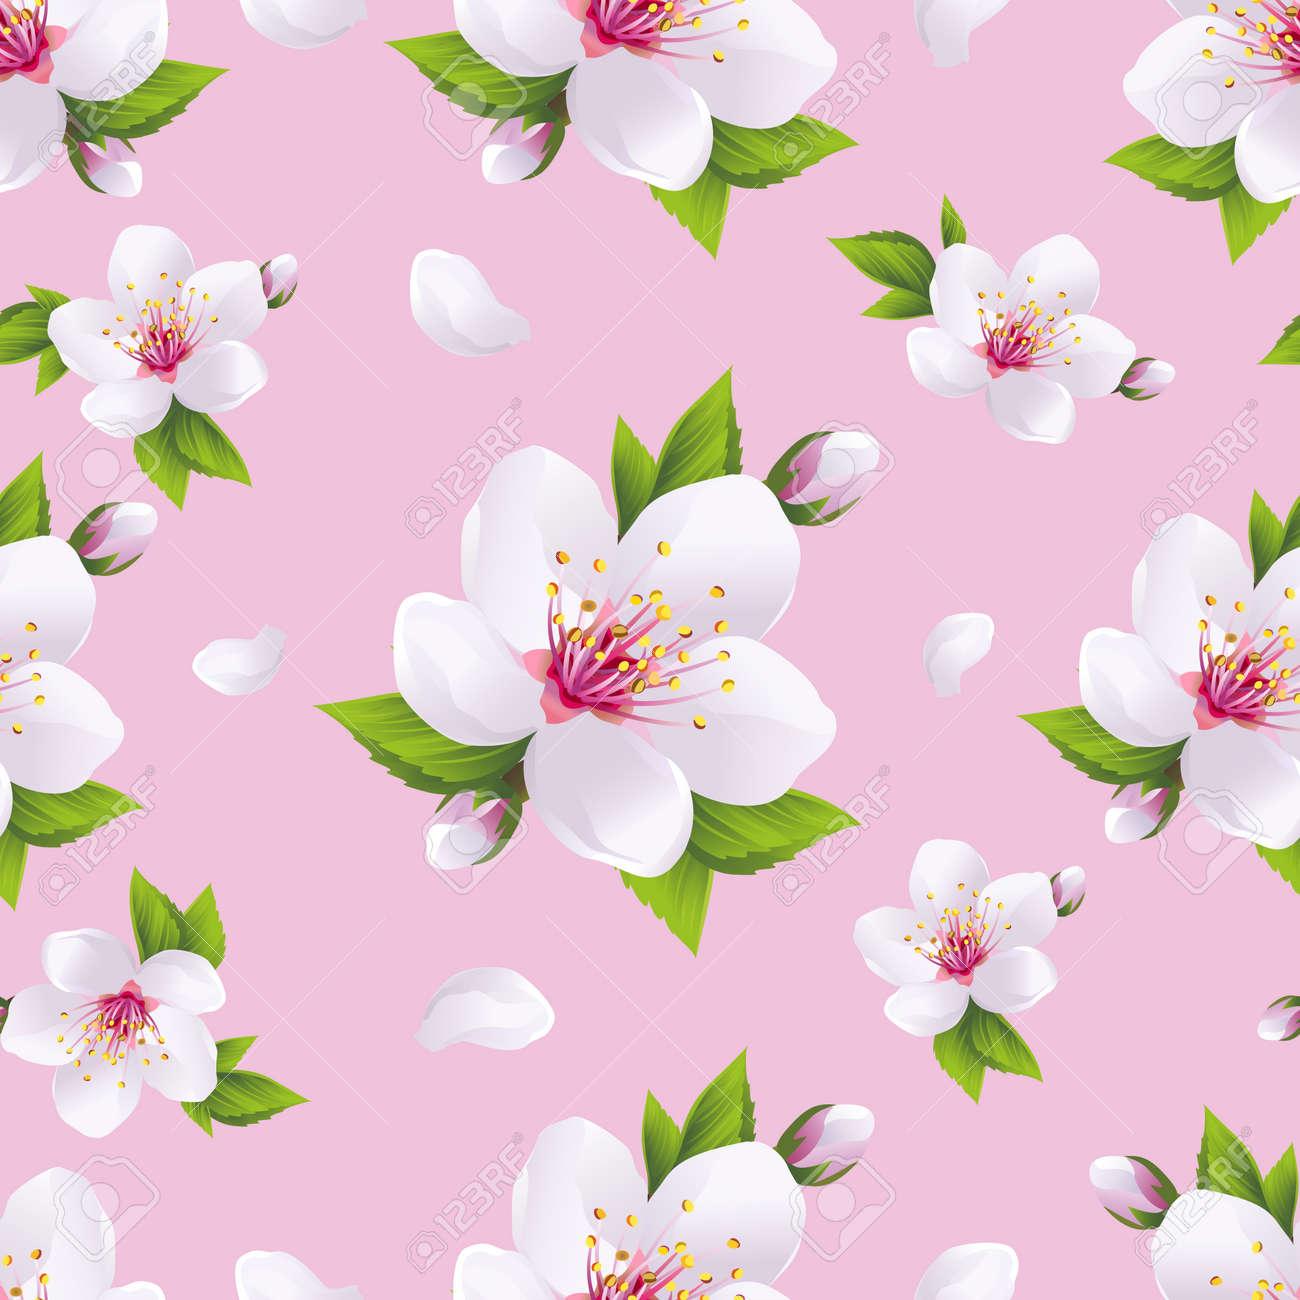 美しい明るい背景の白い桜の花 - 日本の桜の木とフライングの花びらを